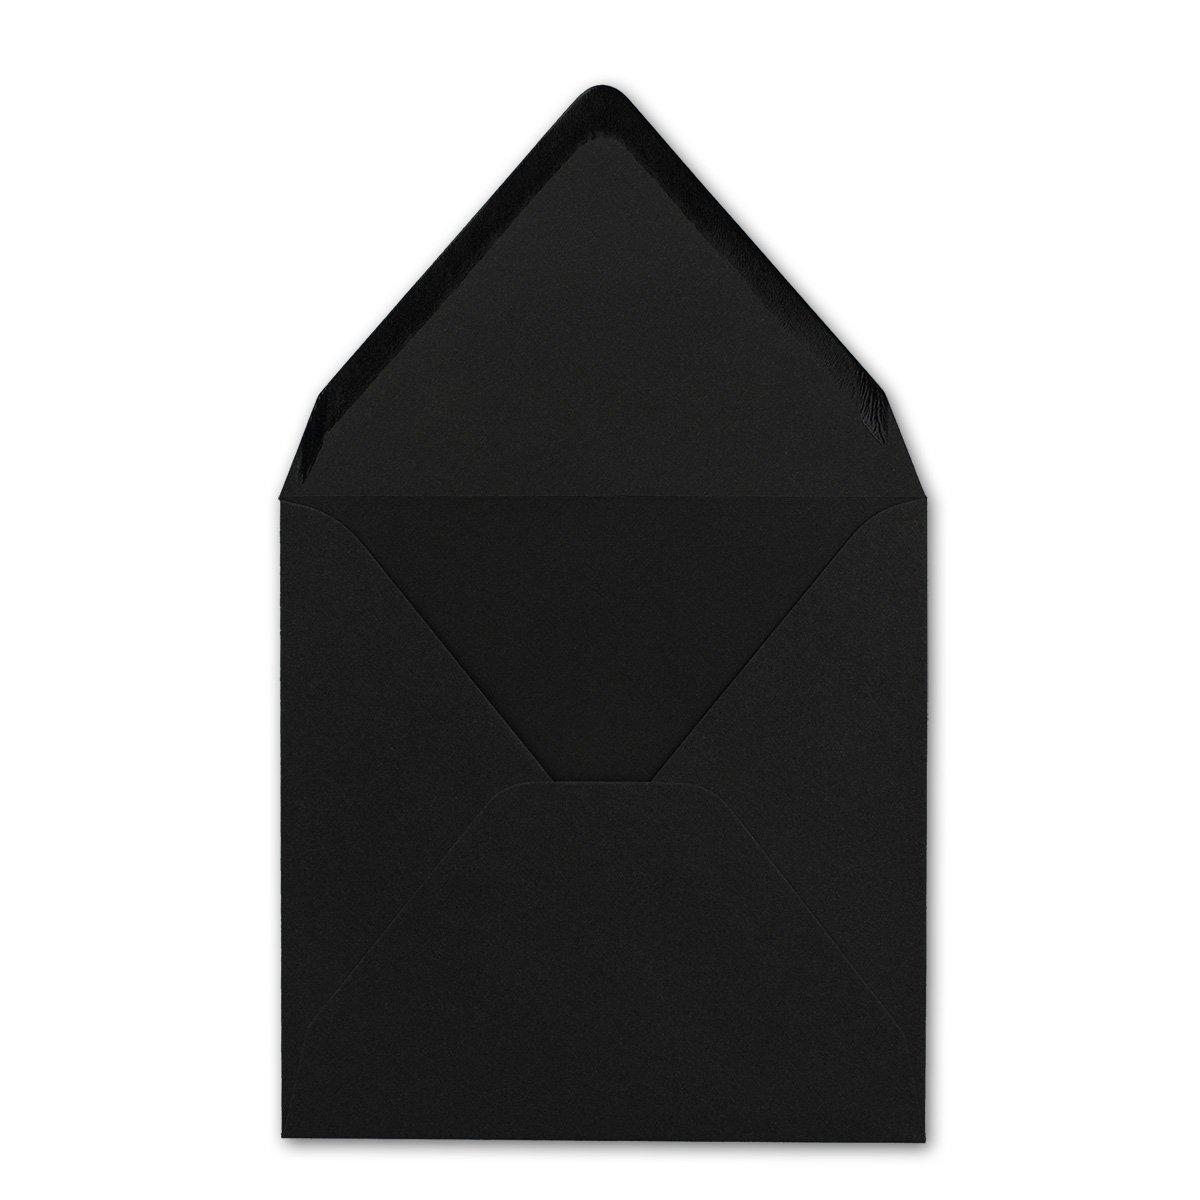 Quadratisches Falt-Karten-Set I 15 x 15 cm - mit mit mit Brief-Umschlägen & Einlege-Blätter I Royalblau I 75 Stück I KomplettpaketI Qualitätsmarke  FarbenFroh® von GUSTAV NEUSER® B07D4GN1B6 | Wirtschaft  e446f9